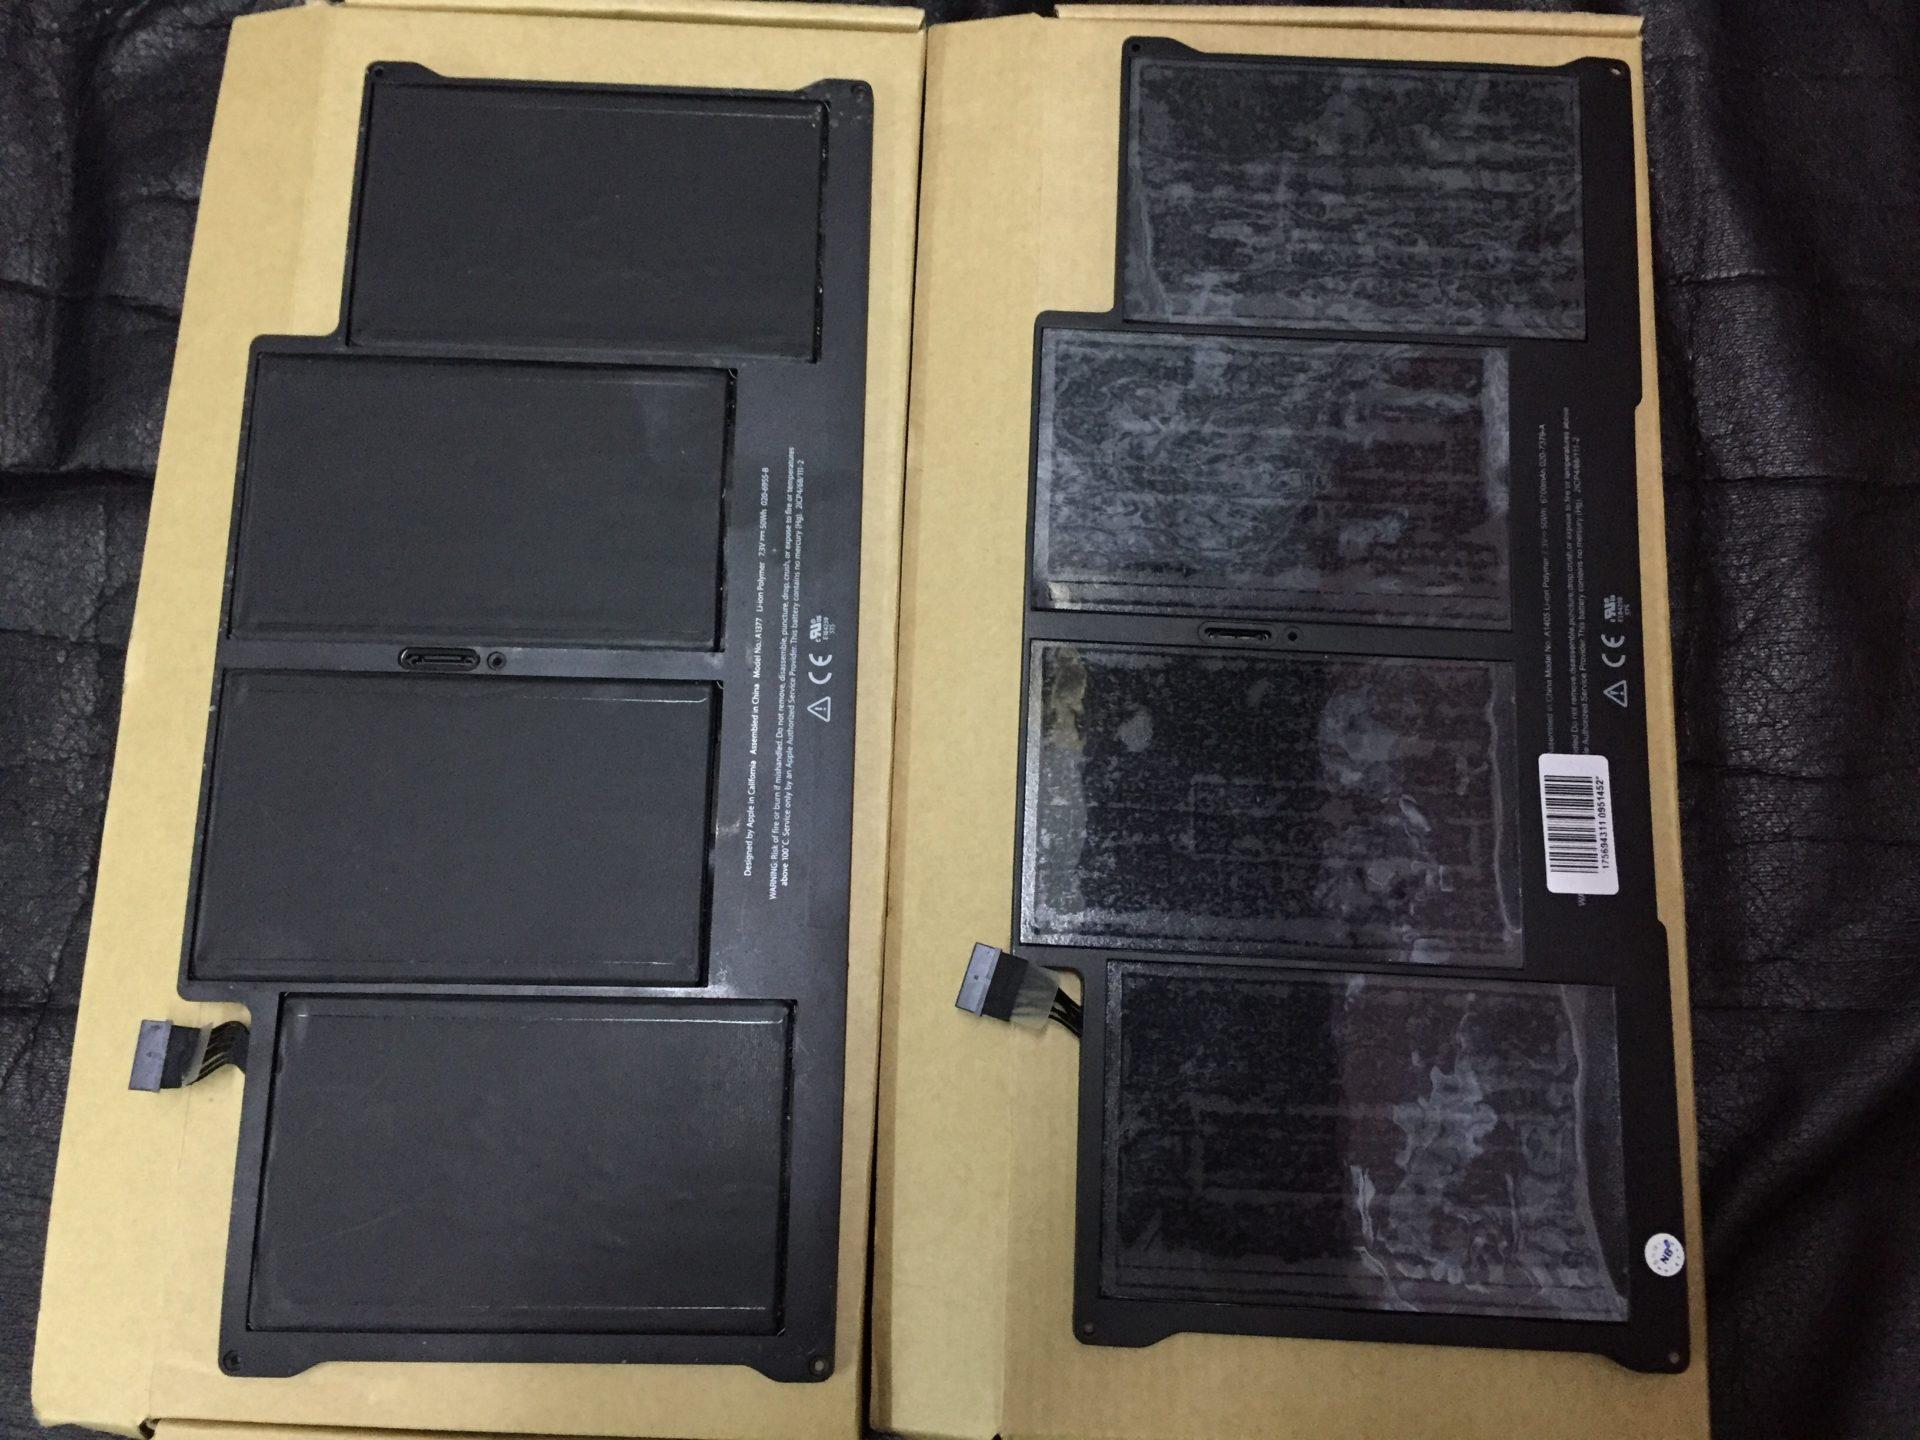 Ремонт MacBook Air с выездом мастера в картинках. Замена АКБ